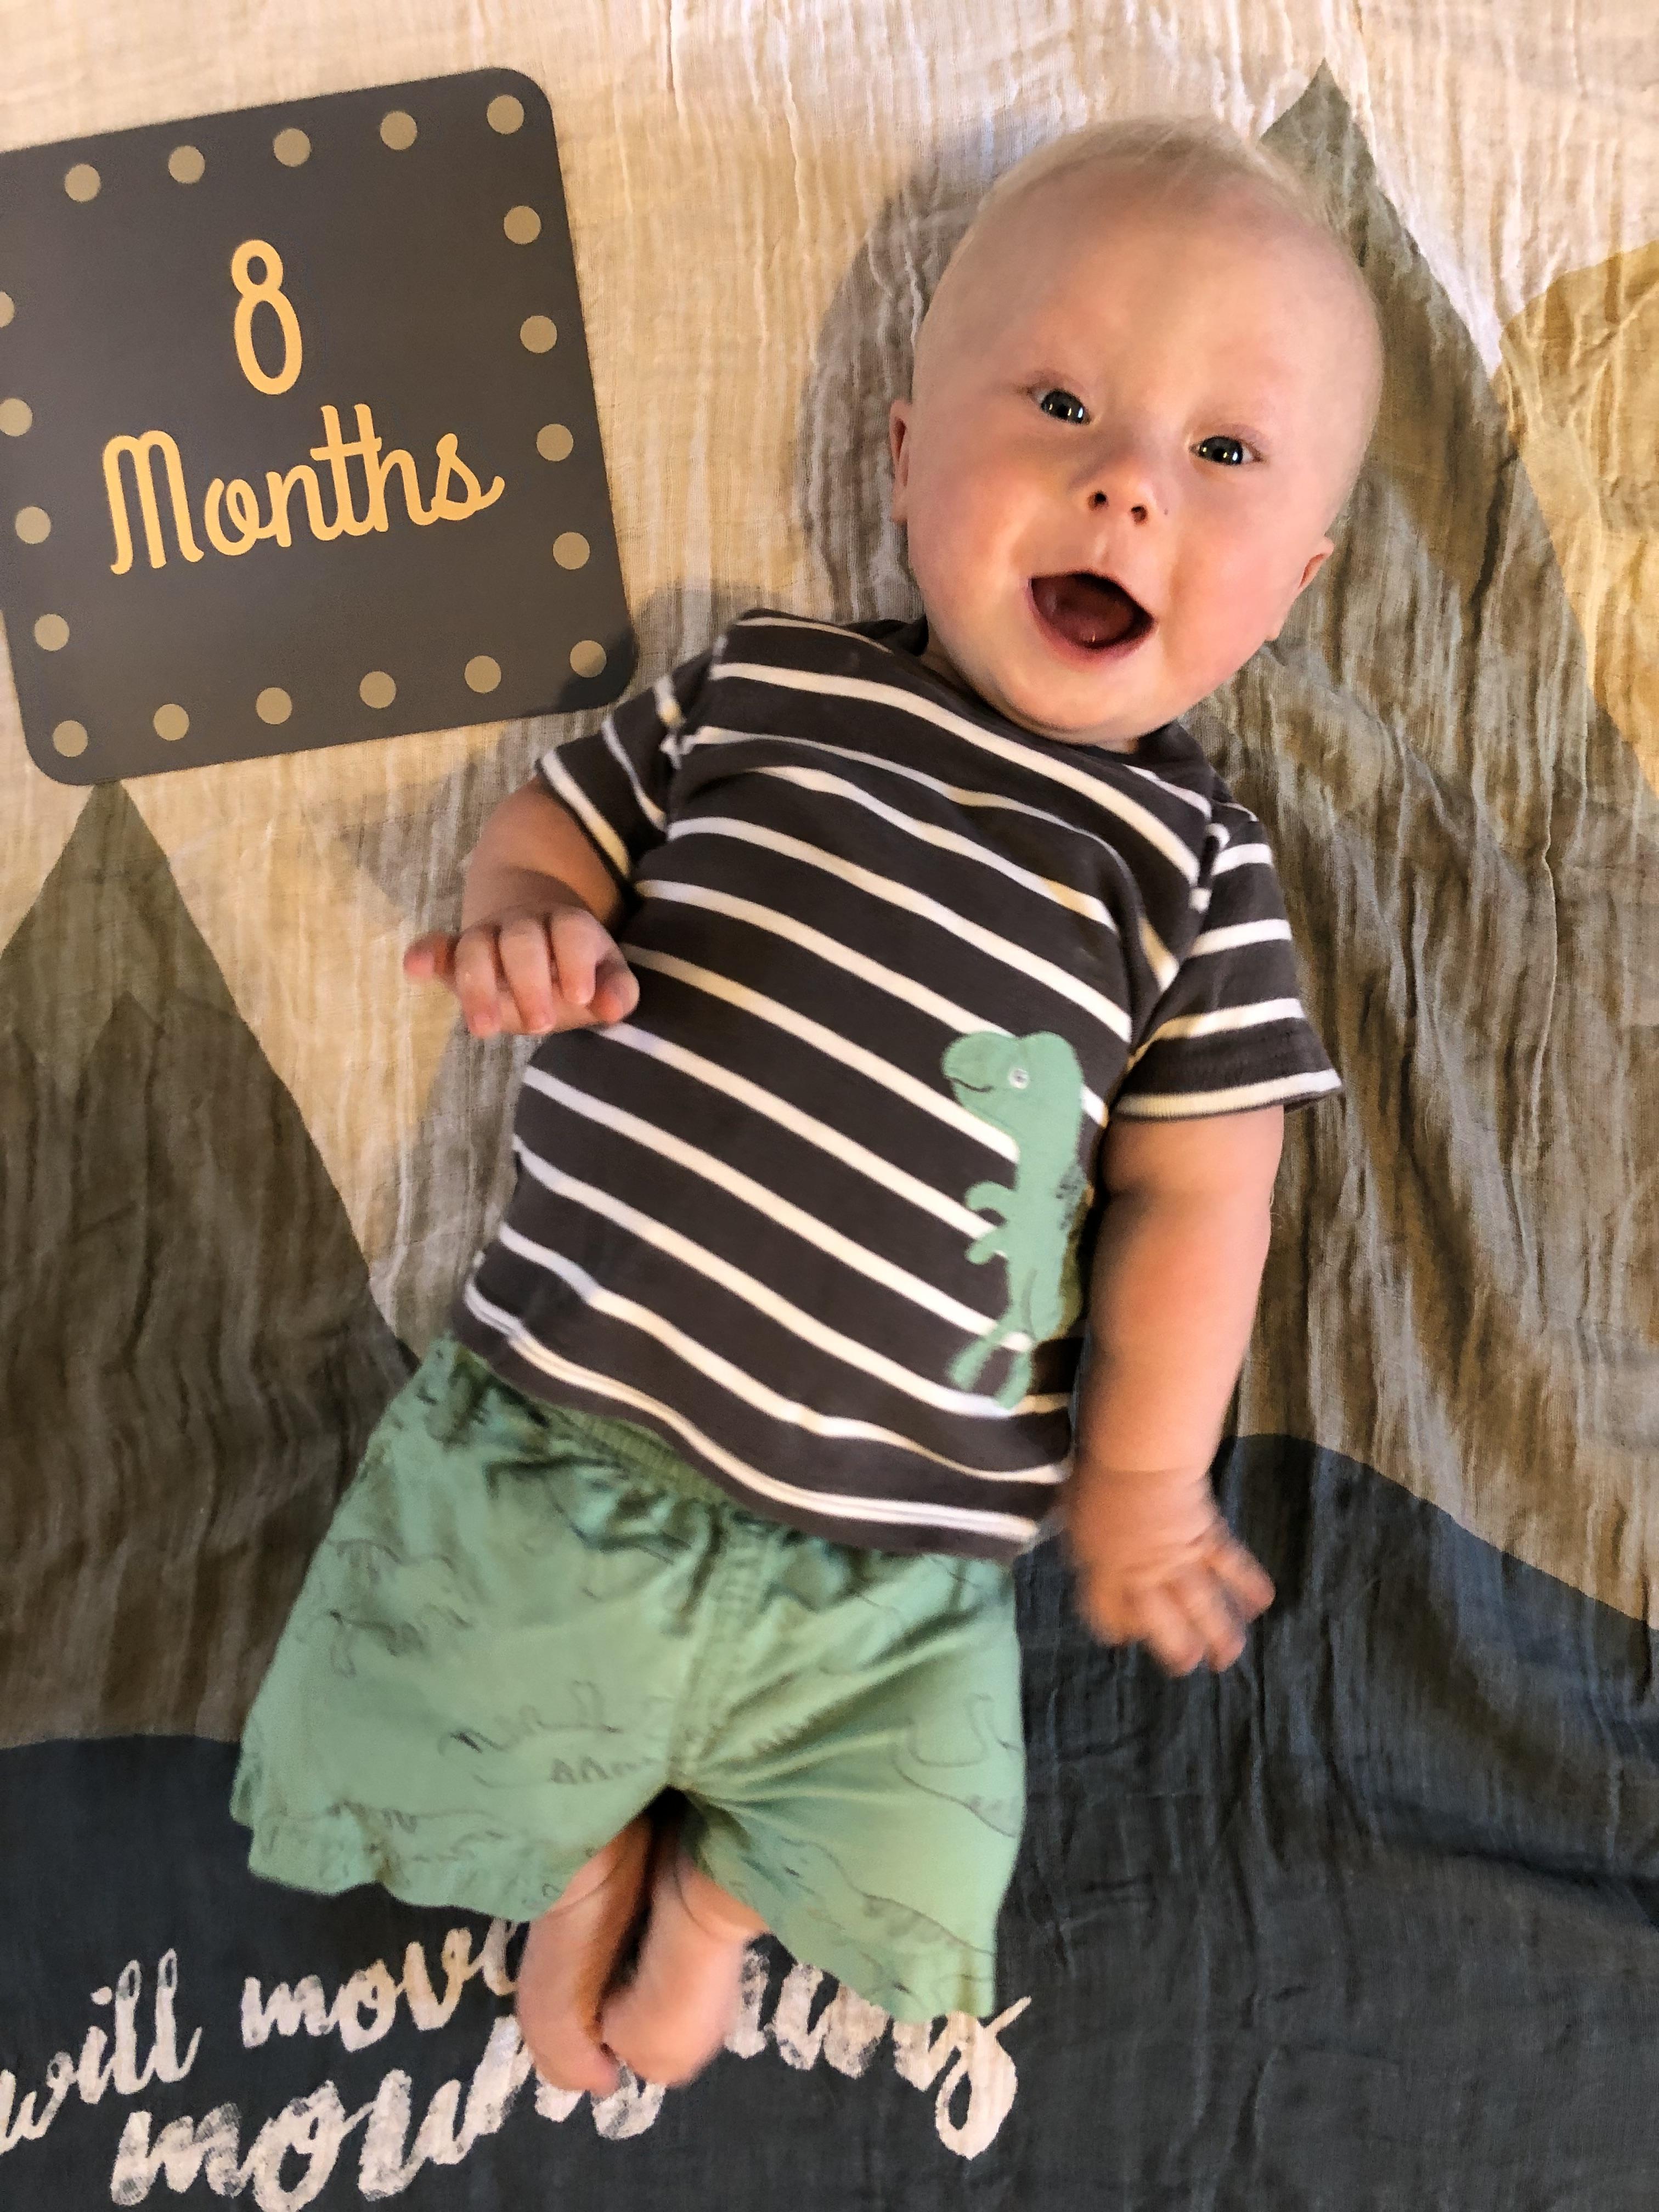 Ashton 8 months